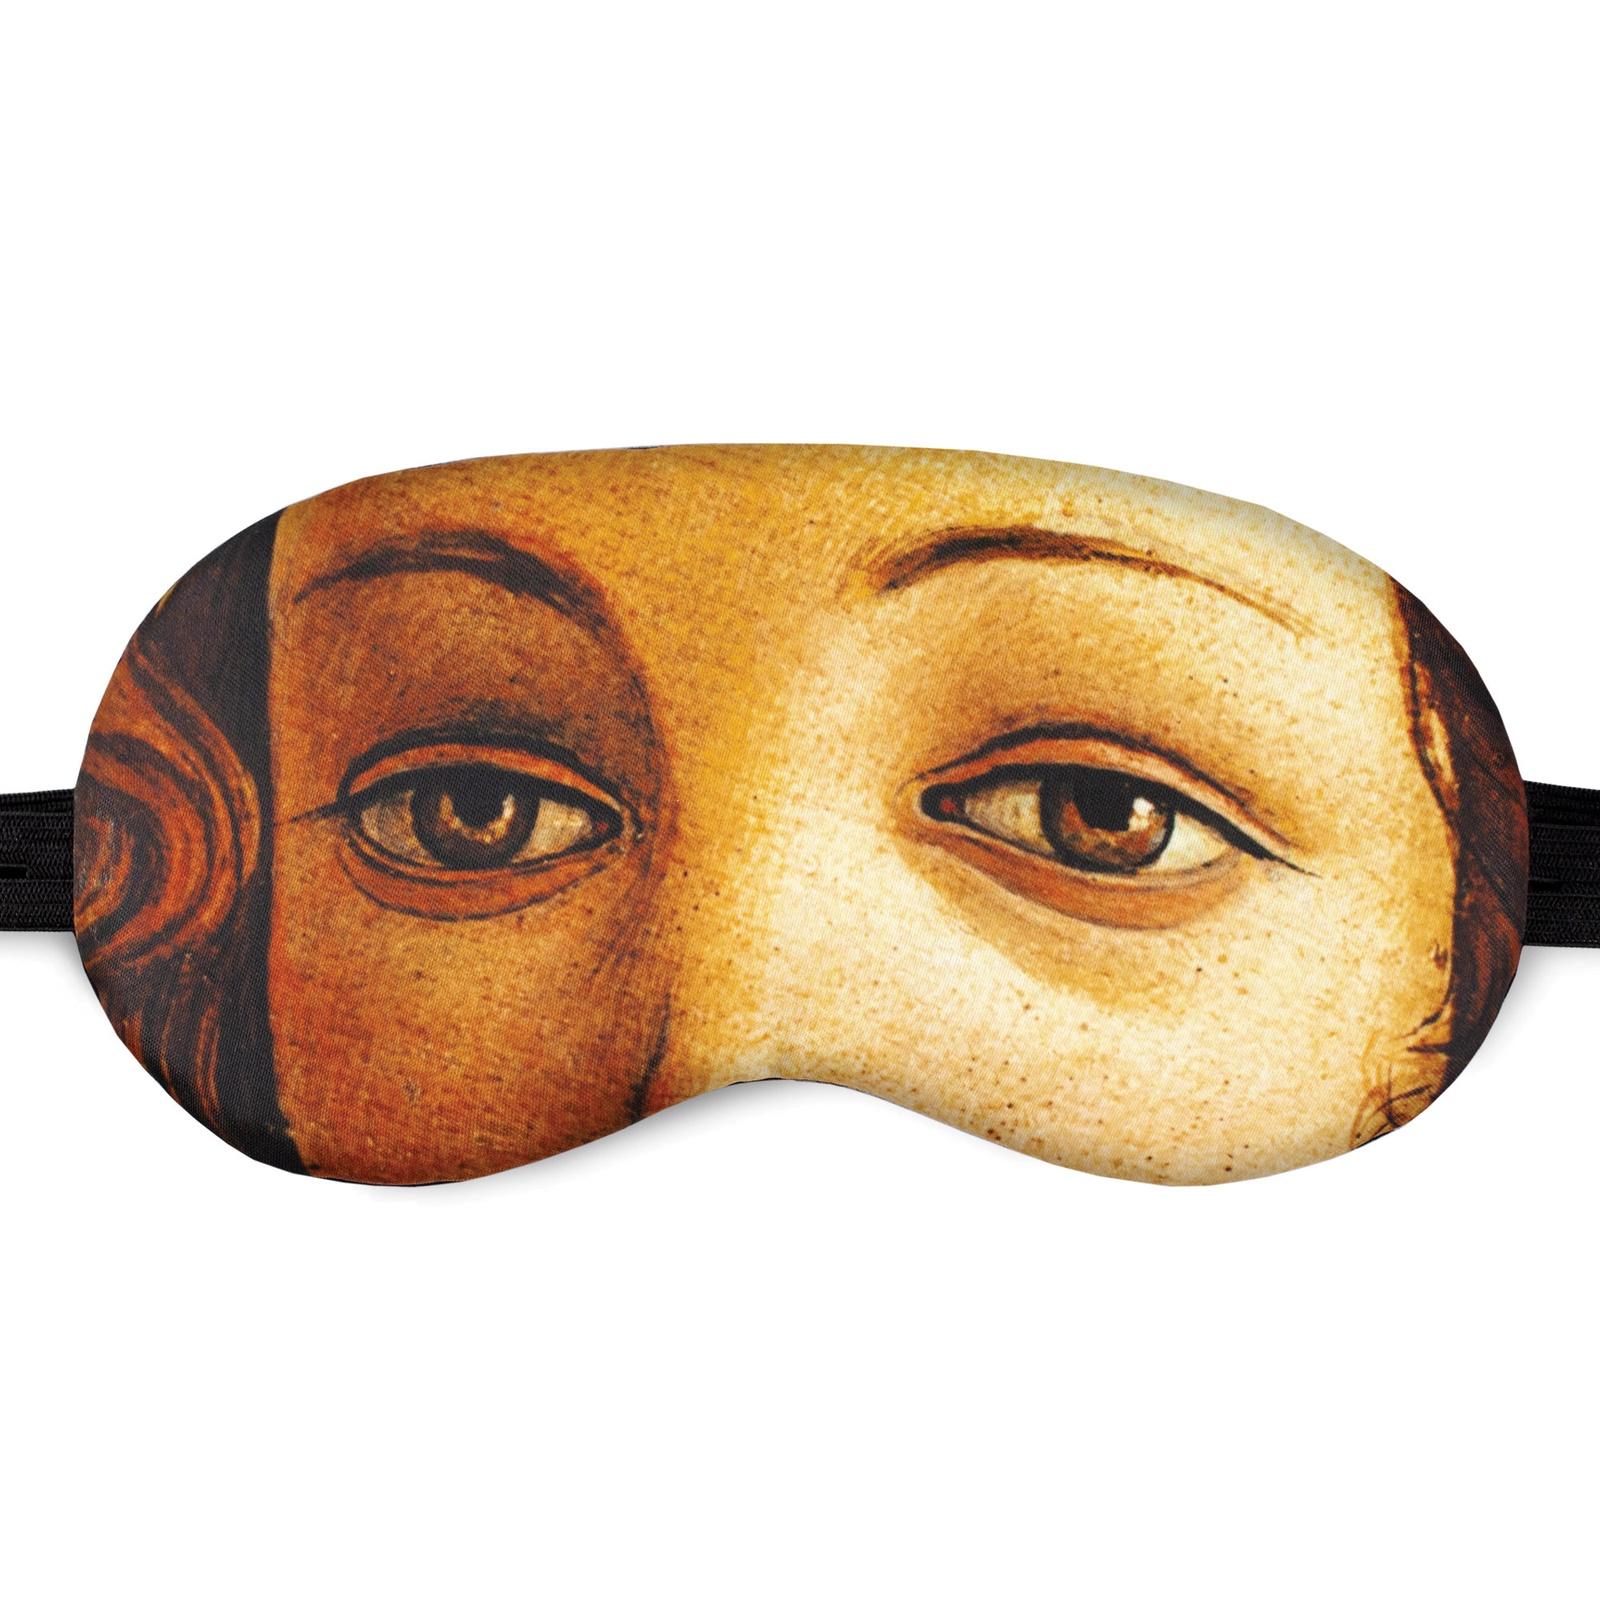 Маска для сна Shuba с изображением глаз героини картины Рождение Венеры (художник Сандро Боттичелли) в пластиковой упаковке fotoniobox лайтбокс боттичелли голова венеры 45x45 153